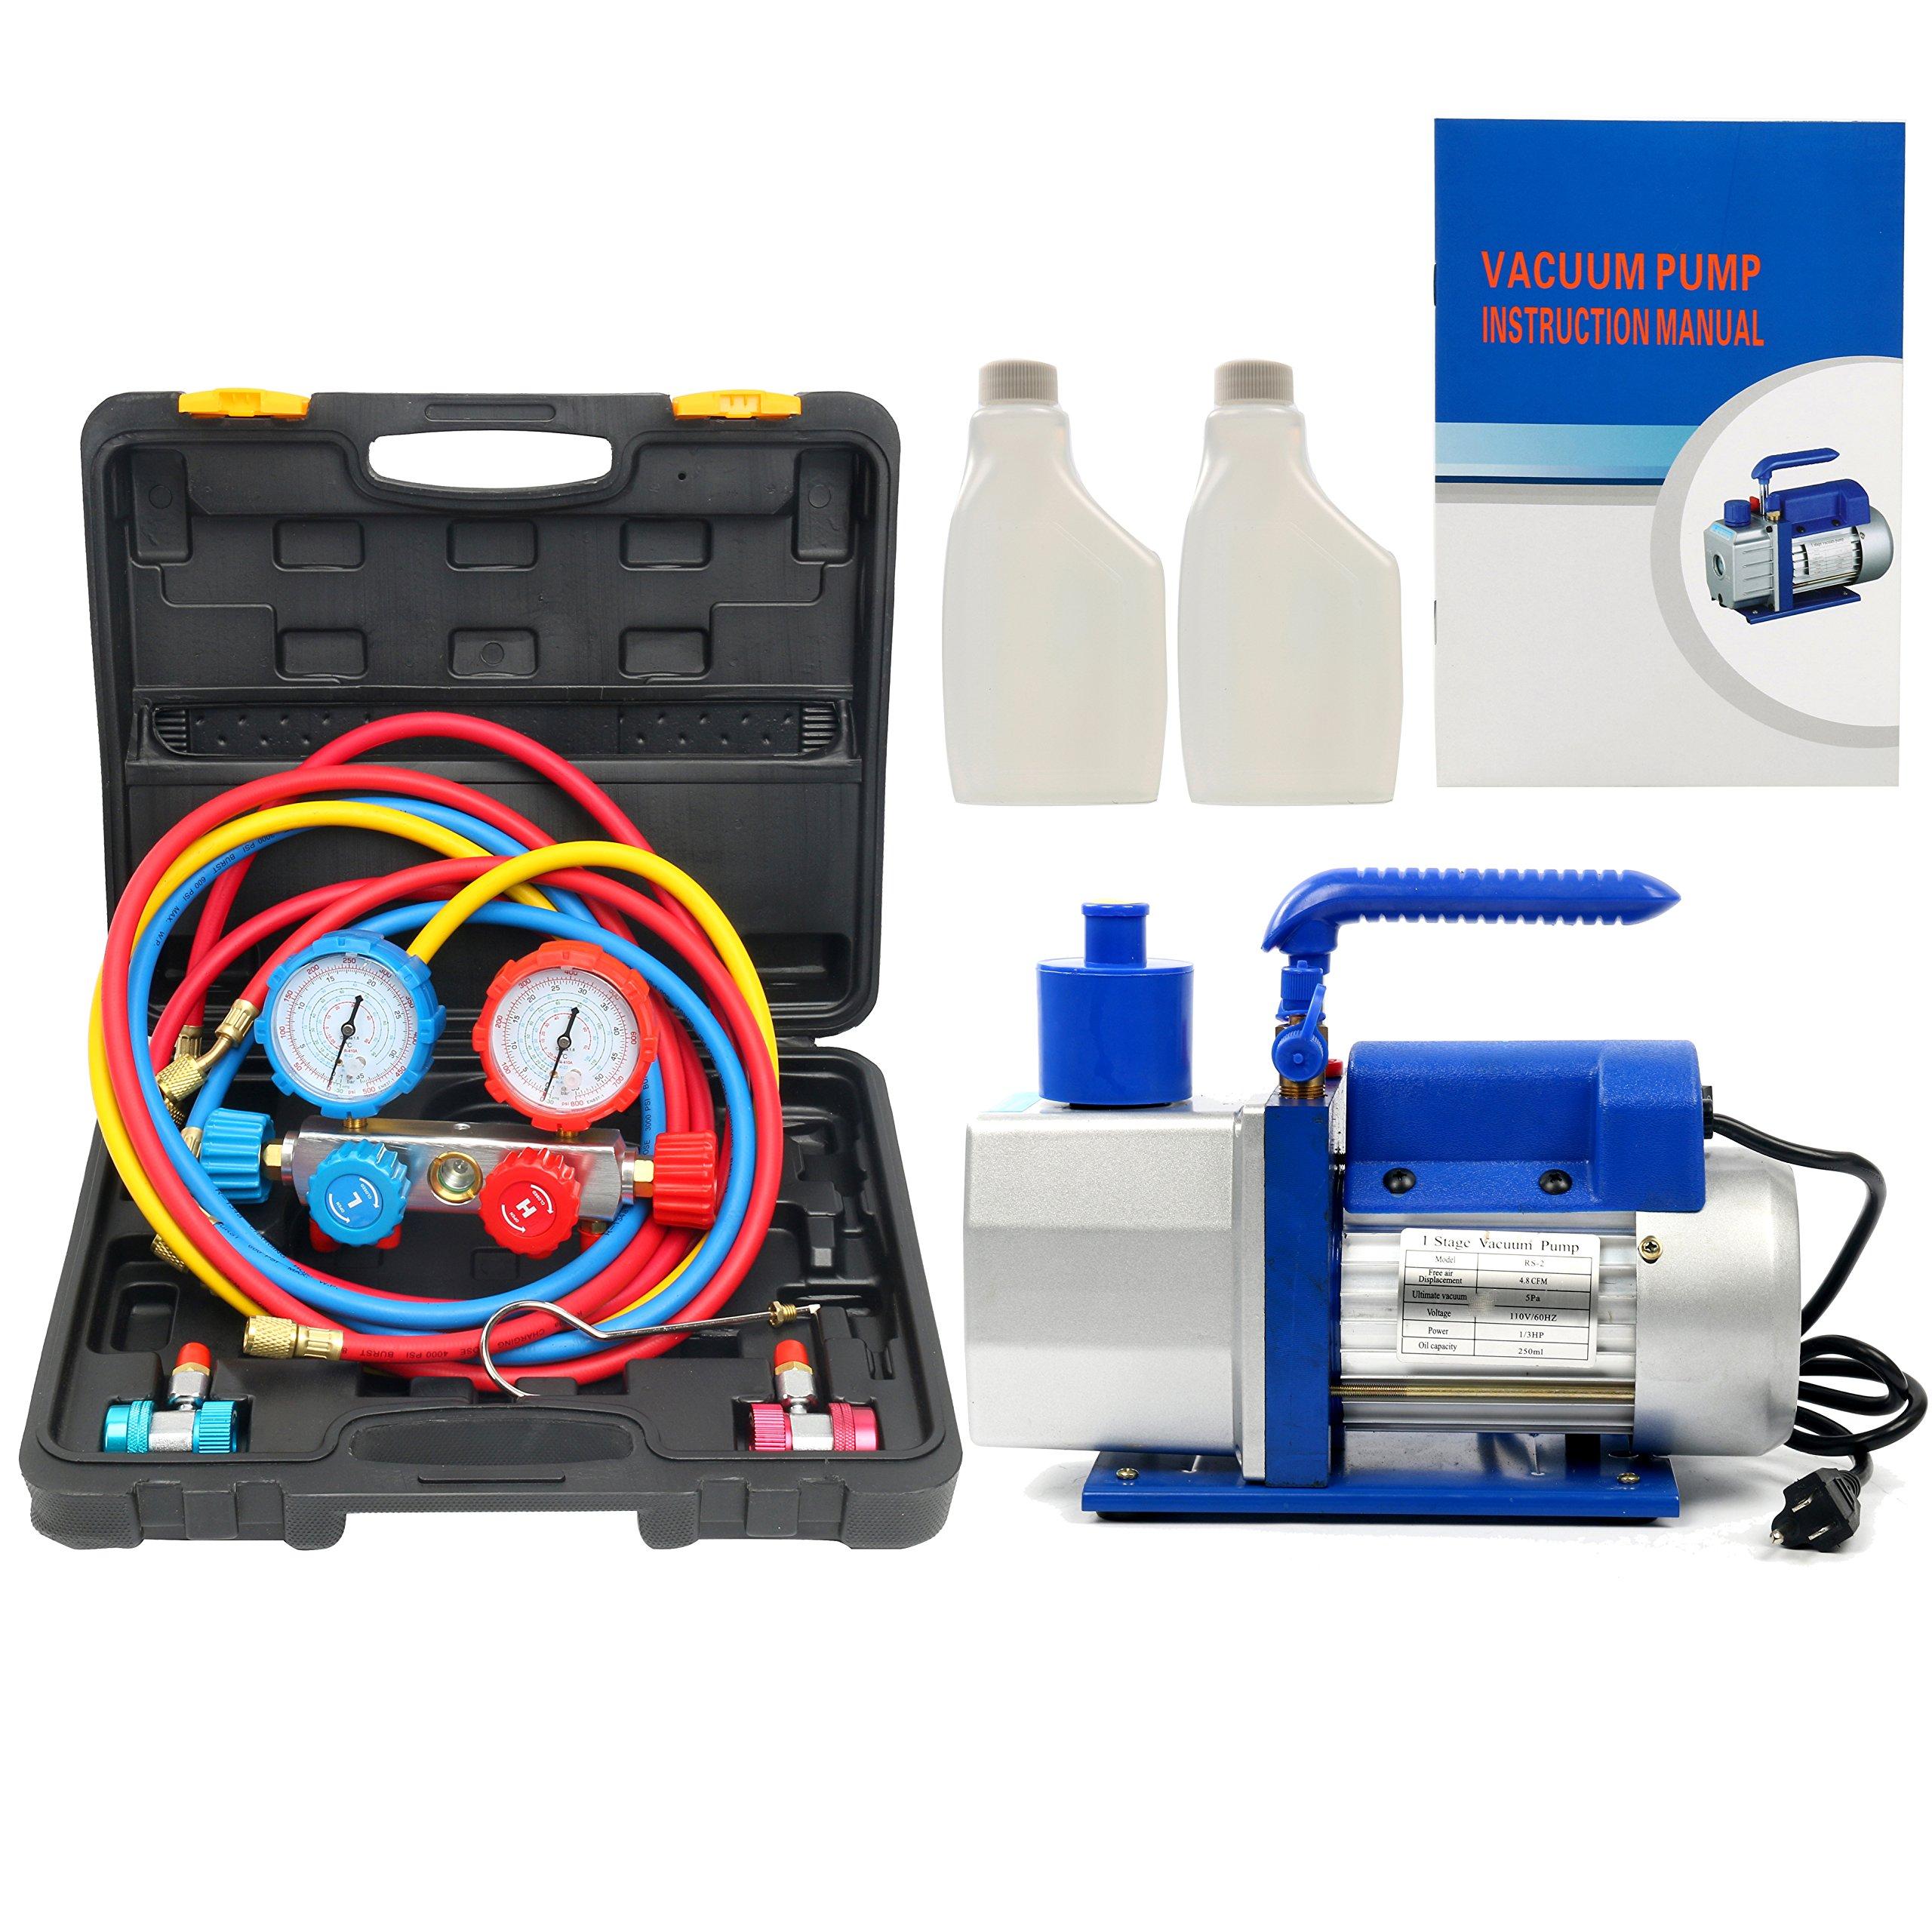 Yaetek R410A R134A R22 4.8 CFM 1/3HP Air Vacuum Pump HVAC A/C Refrigerant Rotary Vane Vacuum Pump Single Stage W/ 4 Hoses 4 VALVE MANIFOLD GAUGE Set